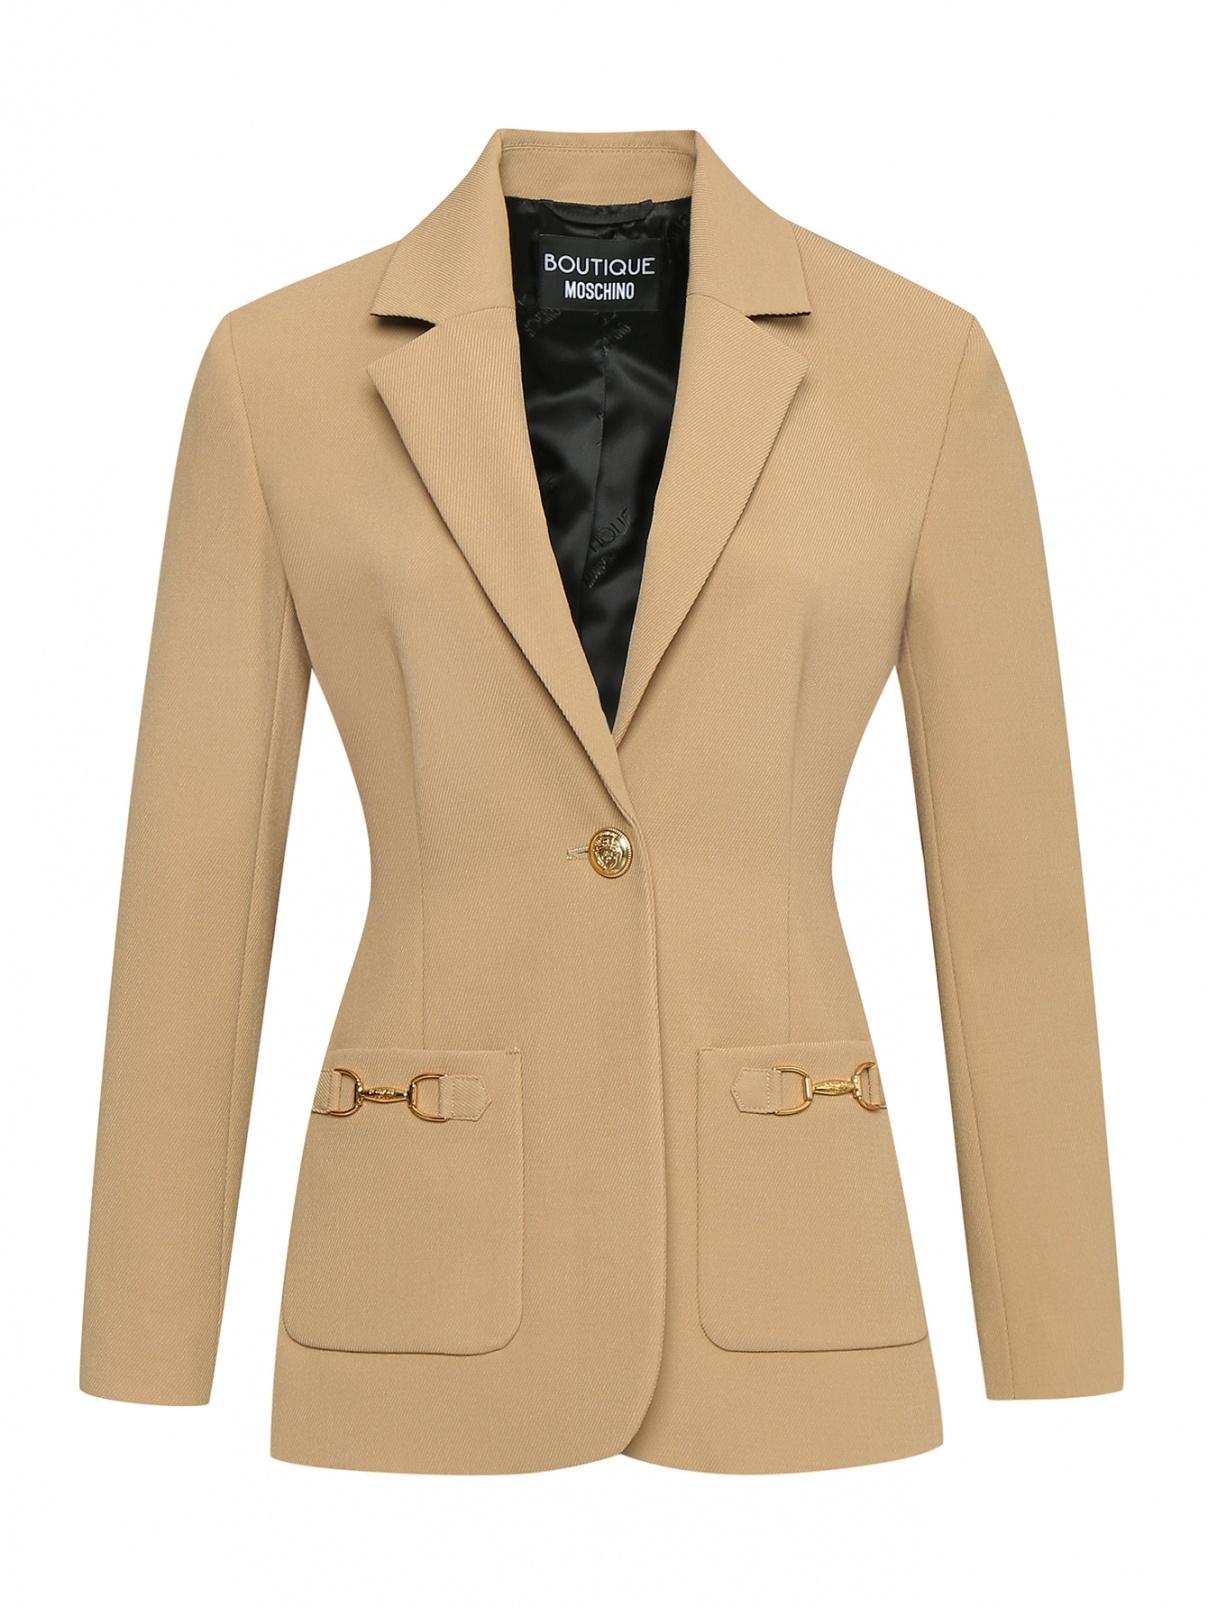 Жакет из смешанной шерсти с золотой фурнитурой Moschino Boutique  –  Общий вид